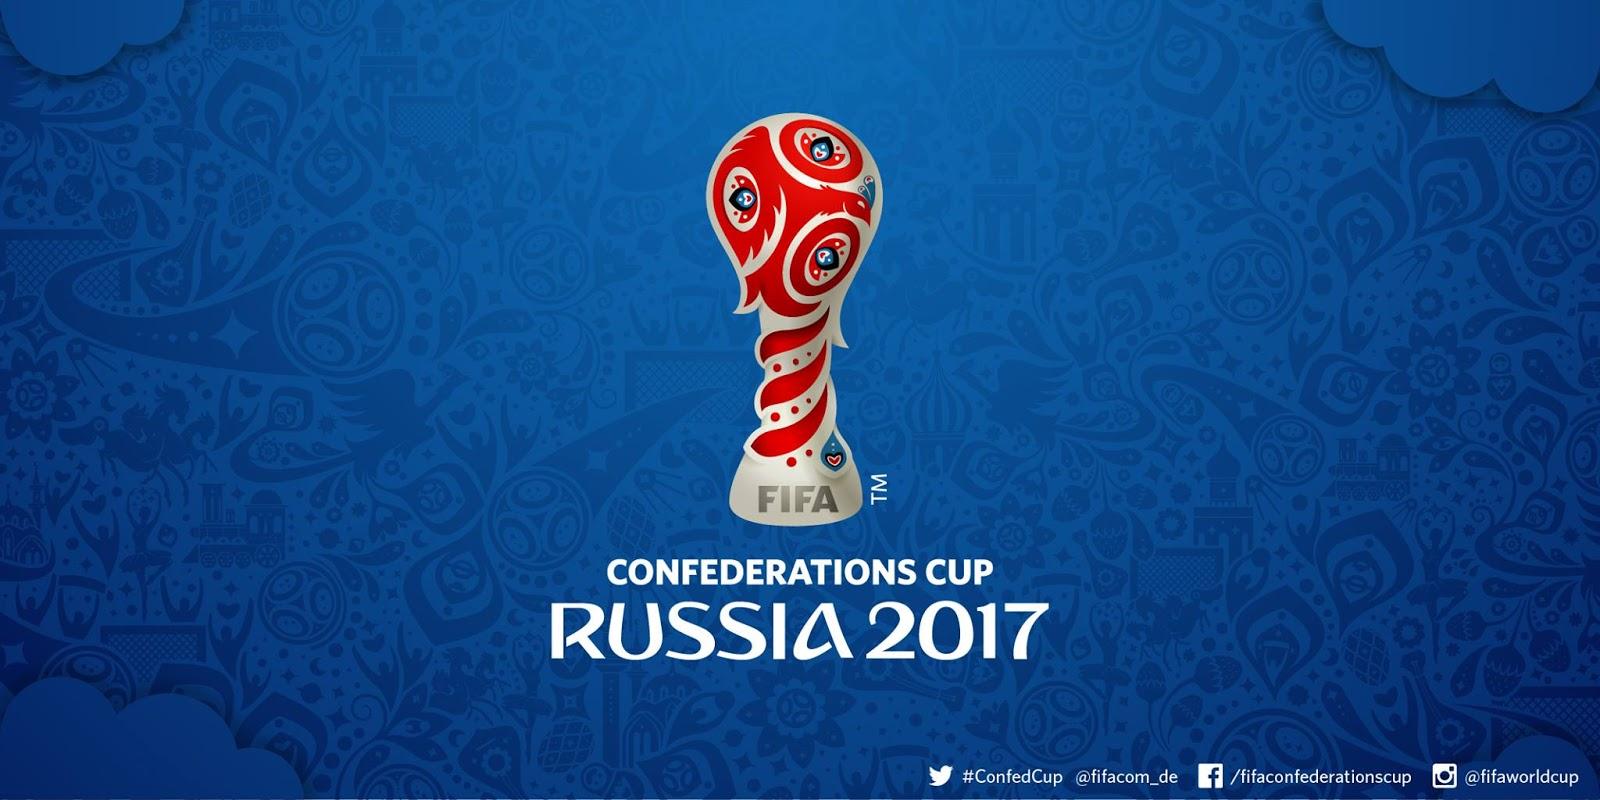 Le logo de la Coupe des Confédérations 2017 en Russie